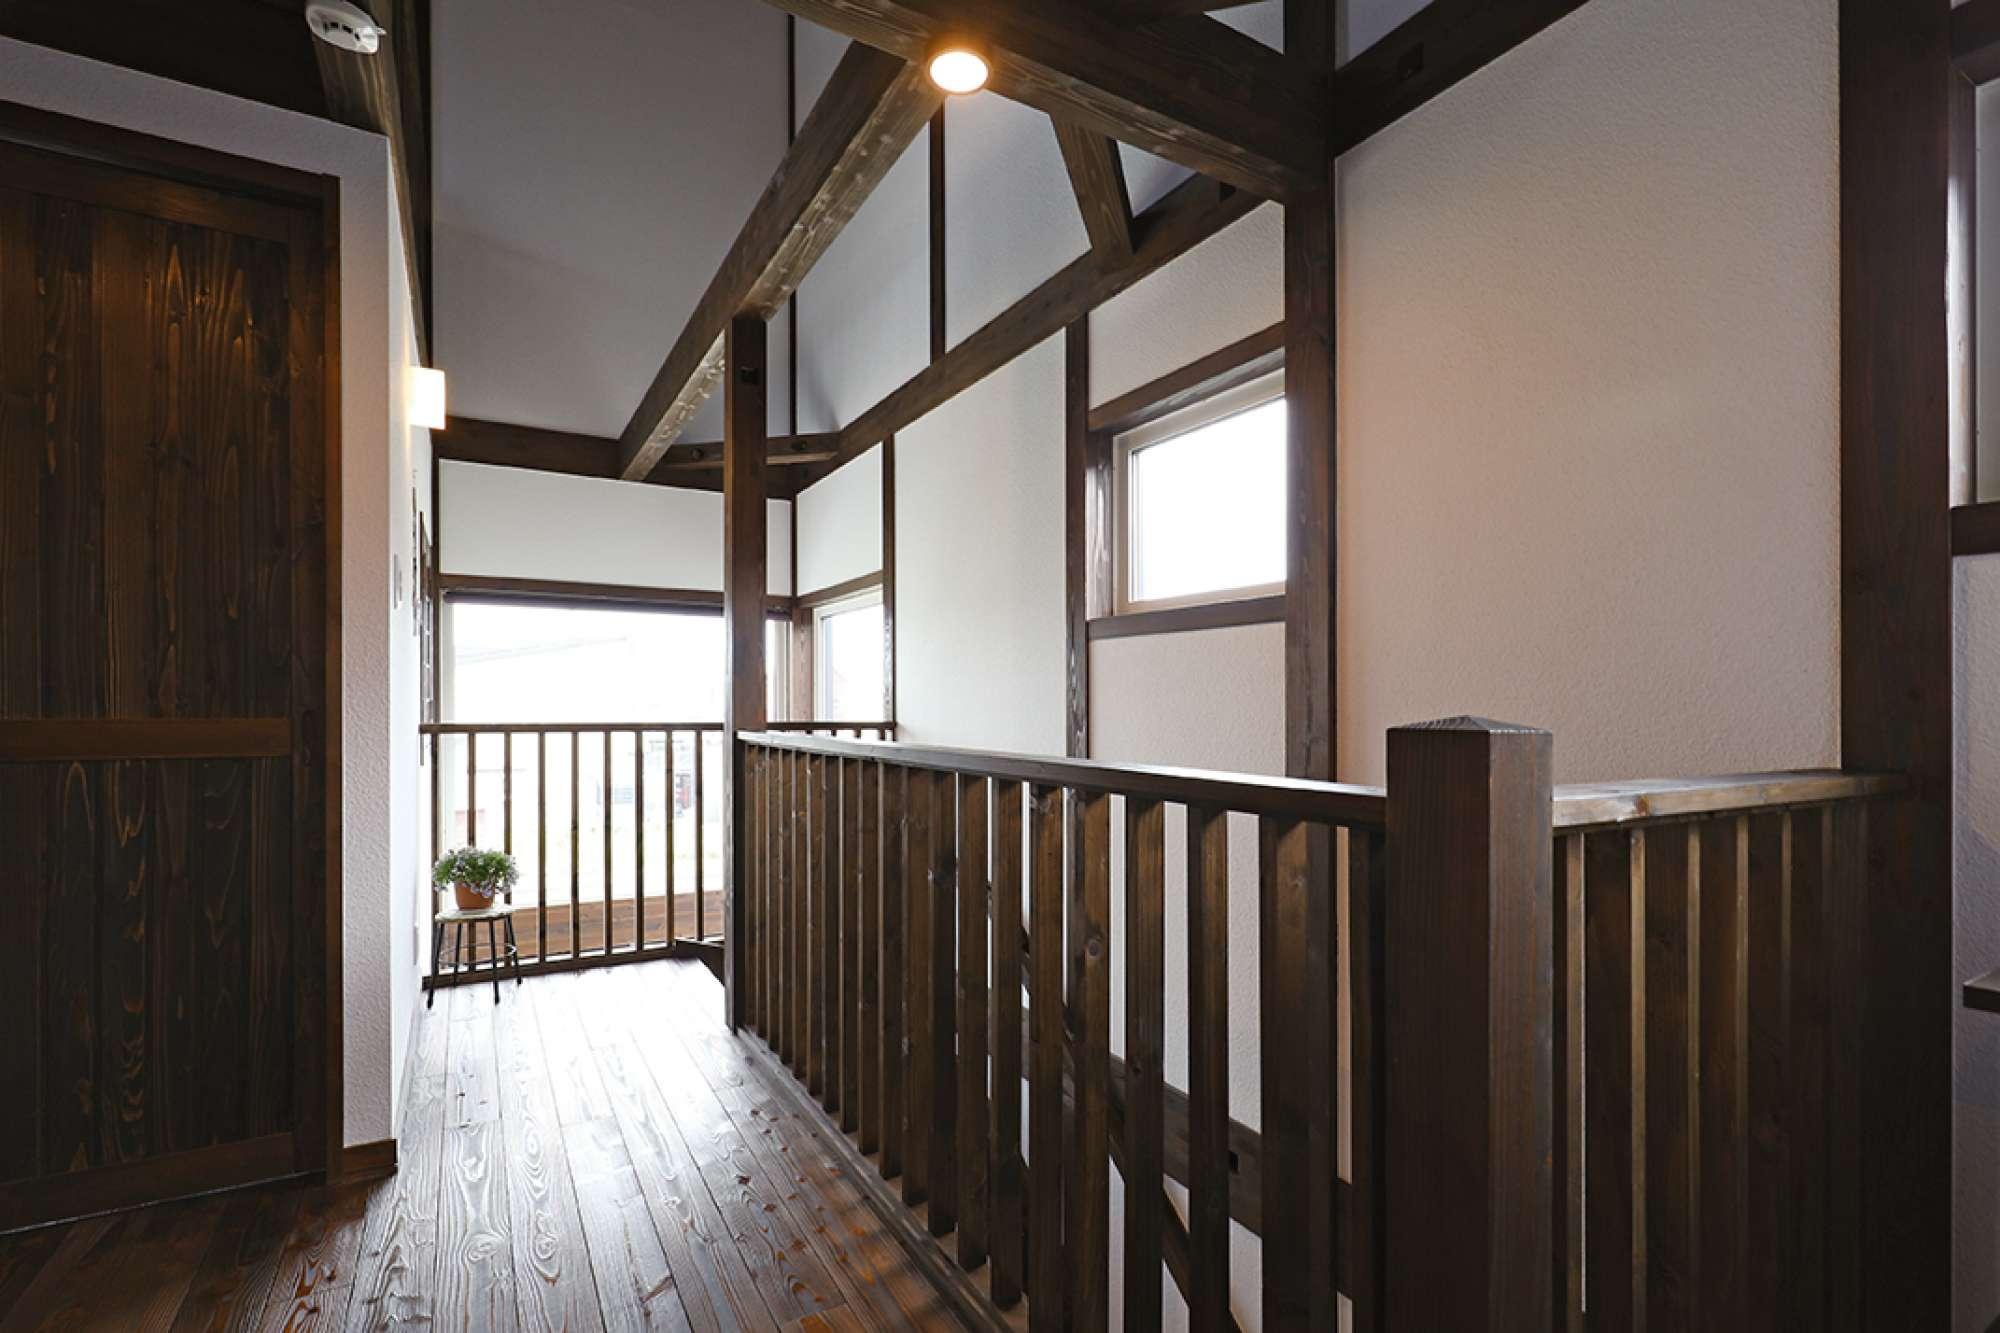 2階フリースペース。吹抜けと階段に木製縦格子手すりを設置 -  -  -